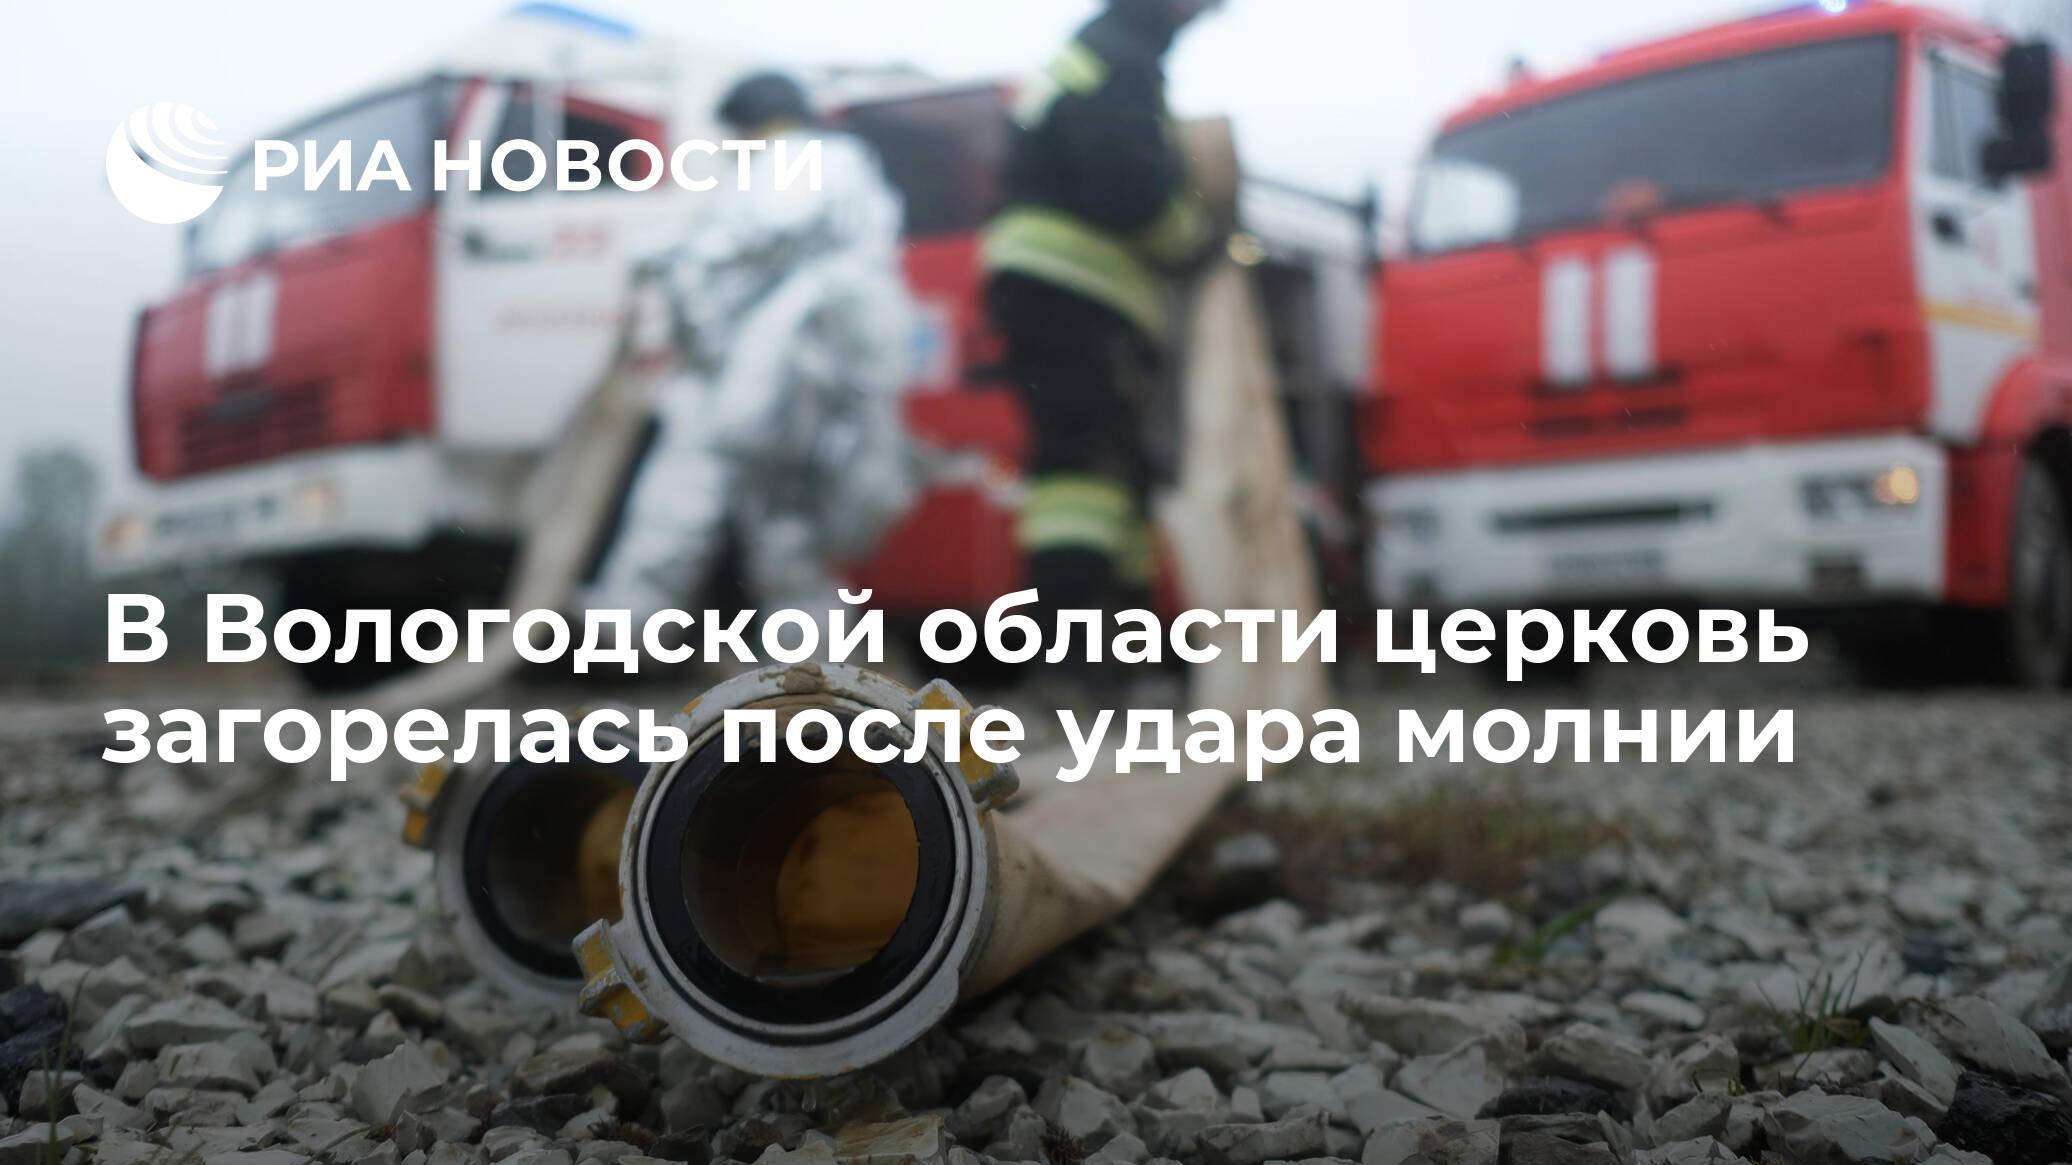 В Вологодской области церковь загорелась после удара молнии